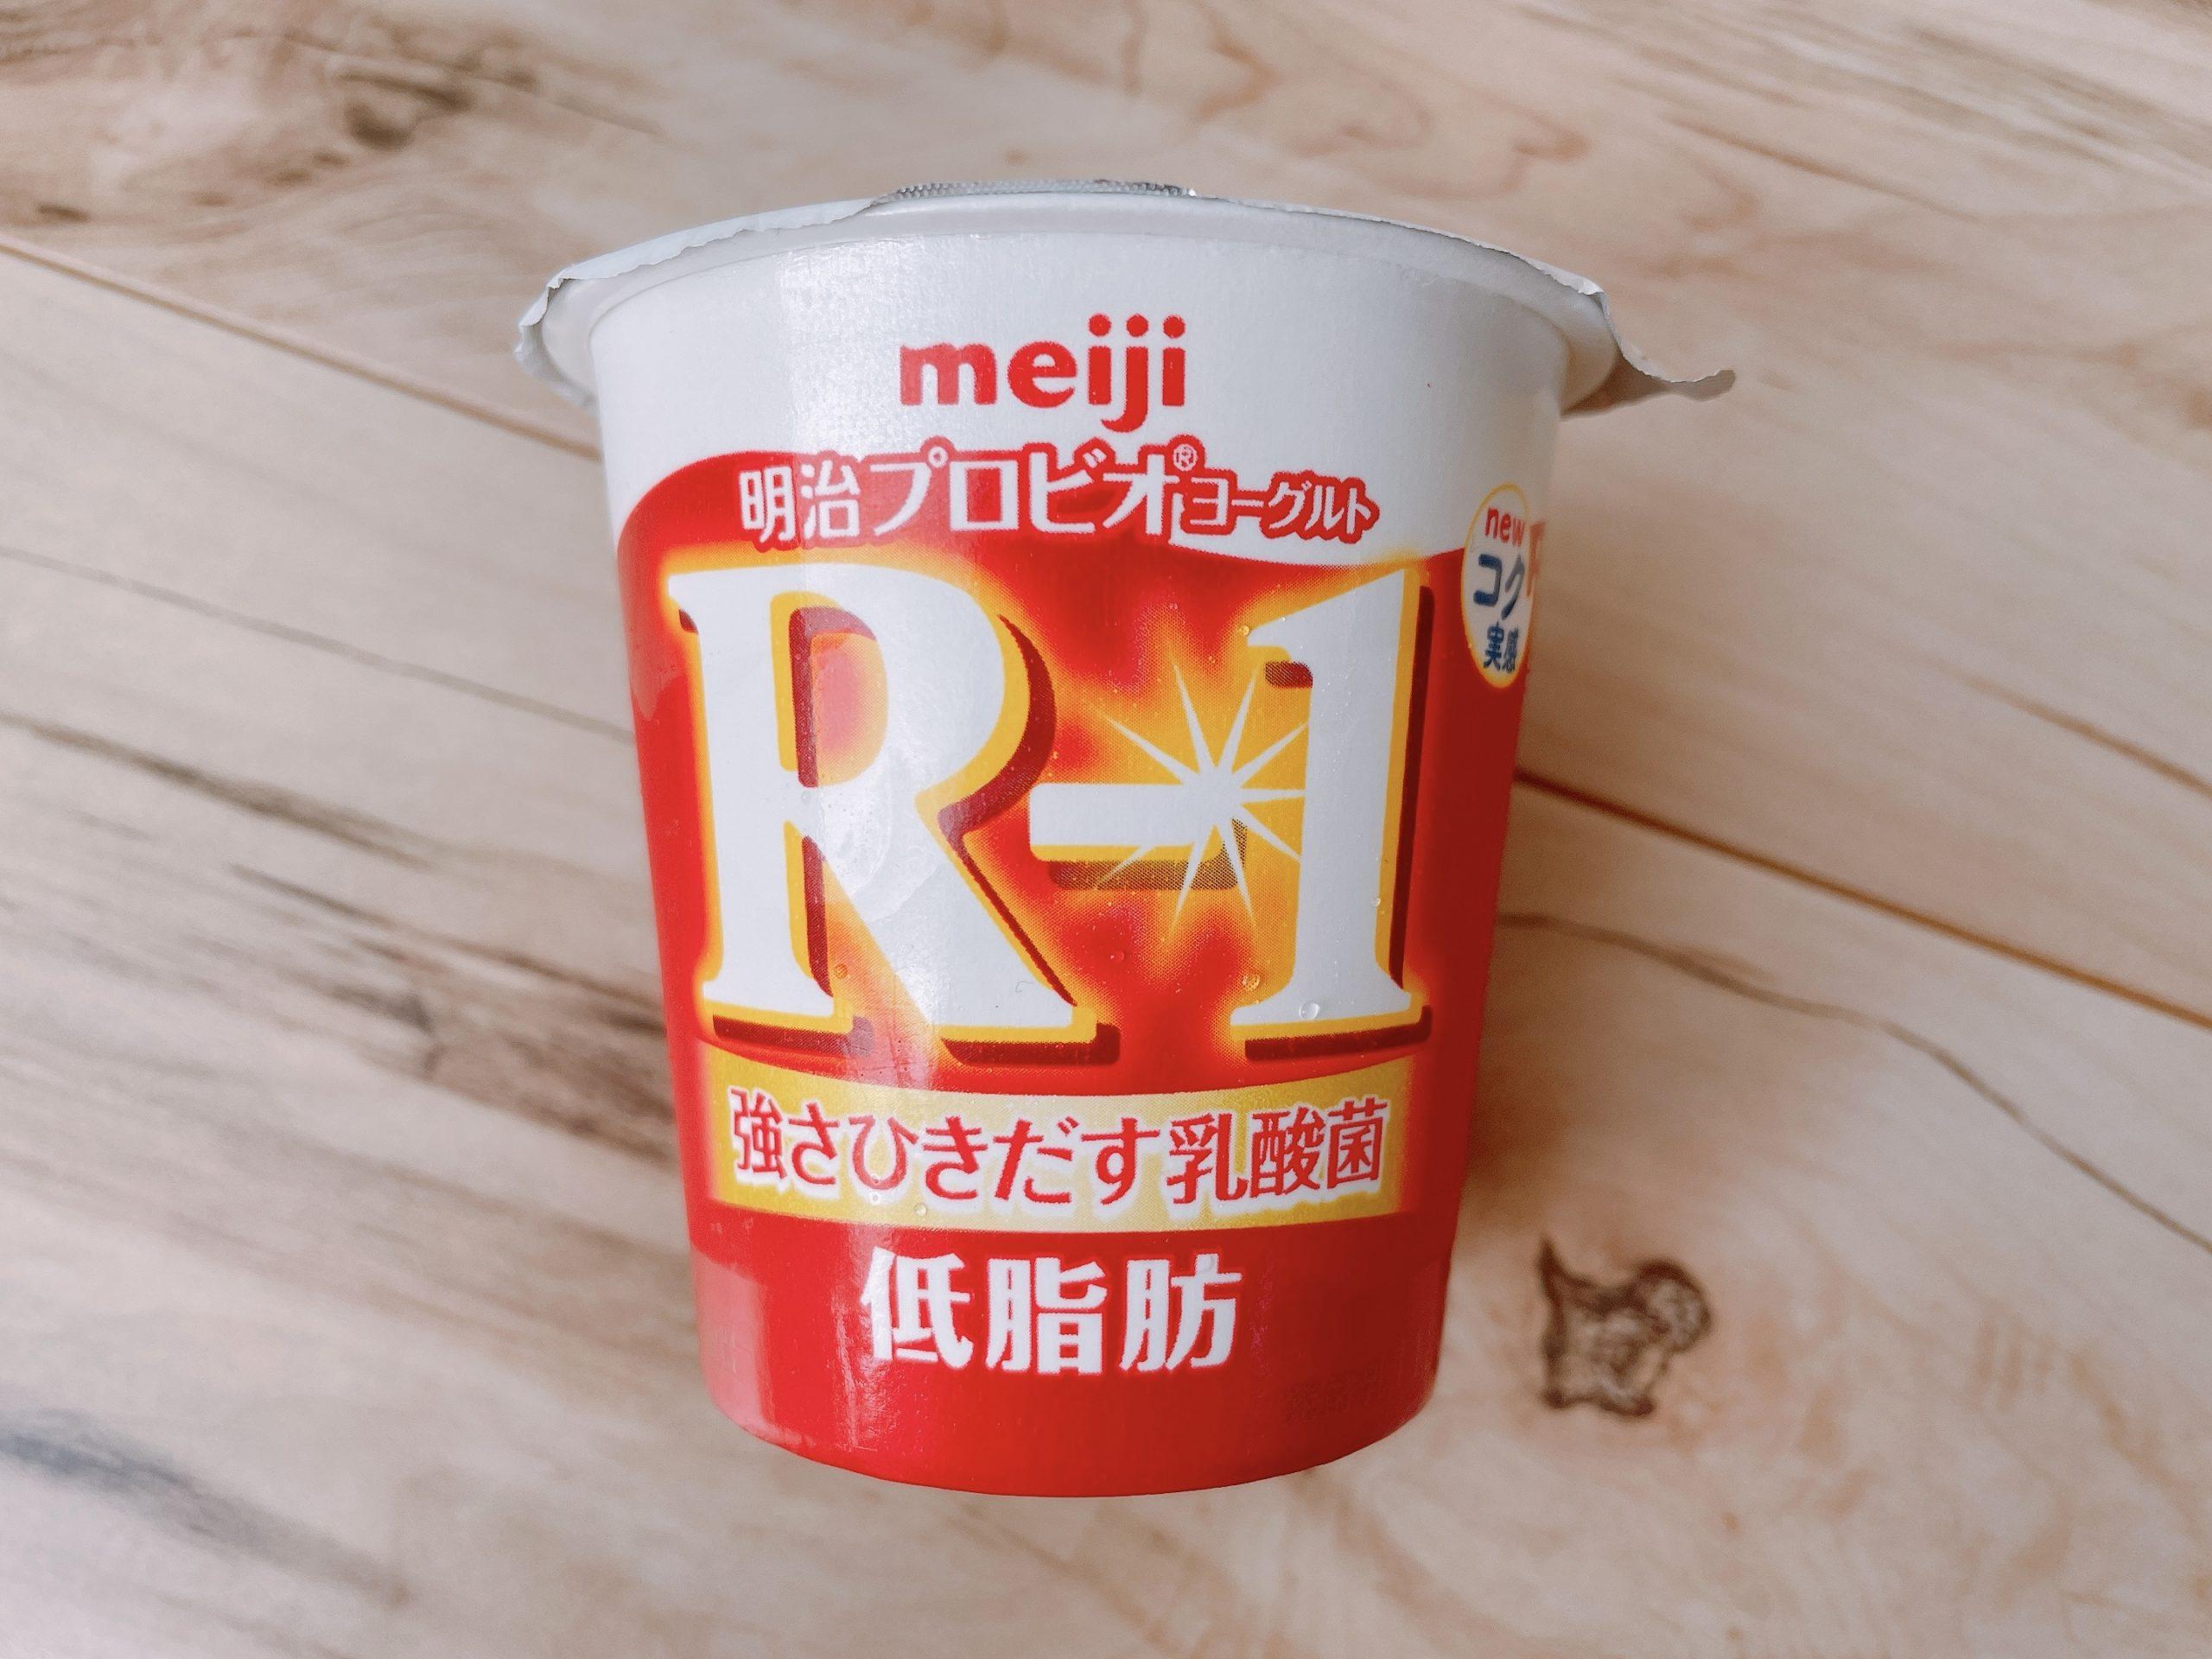 R-1低脂肪の方がうまいかも